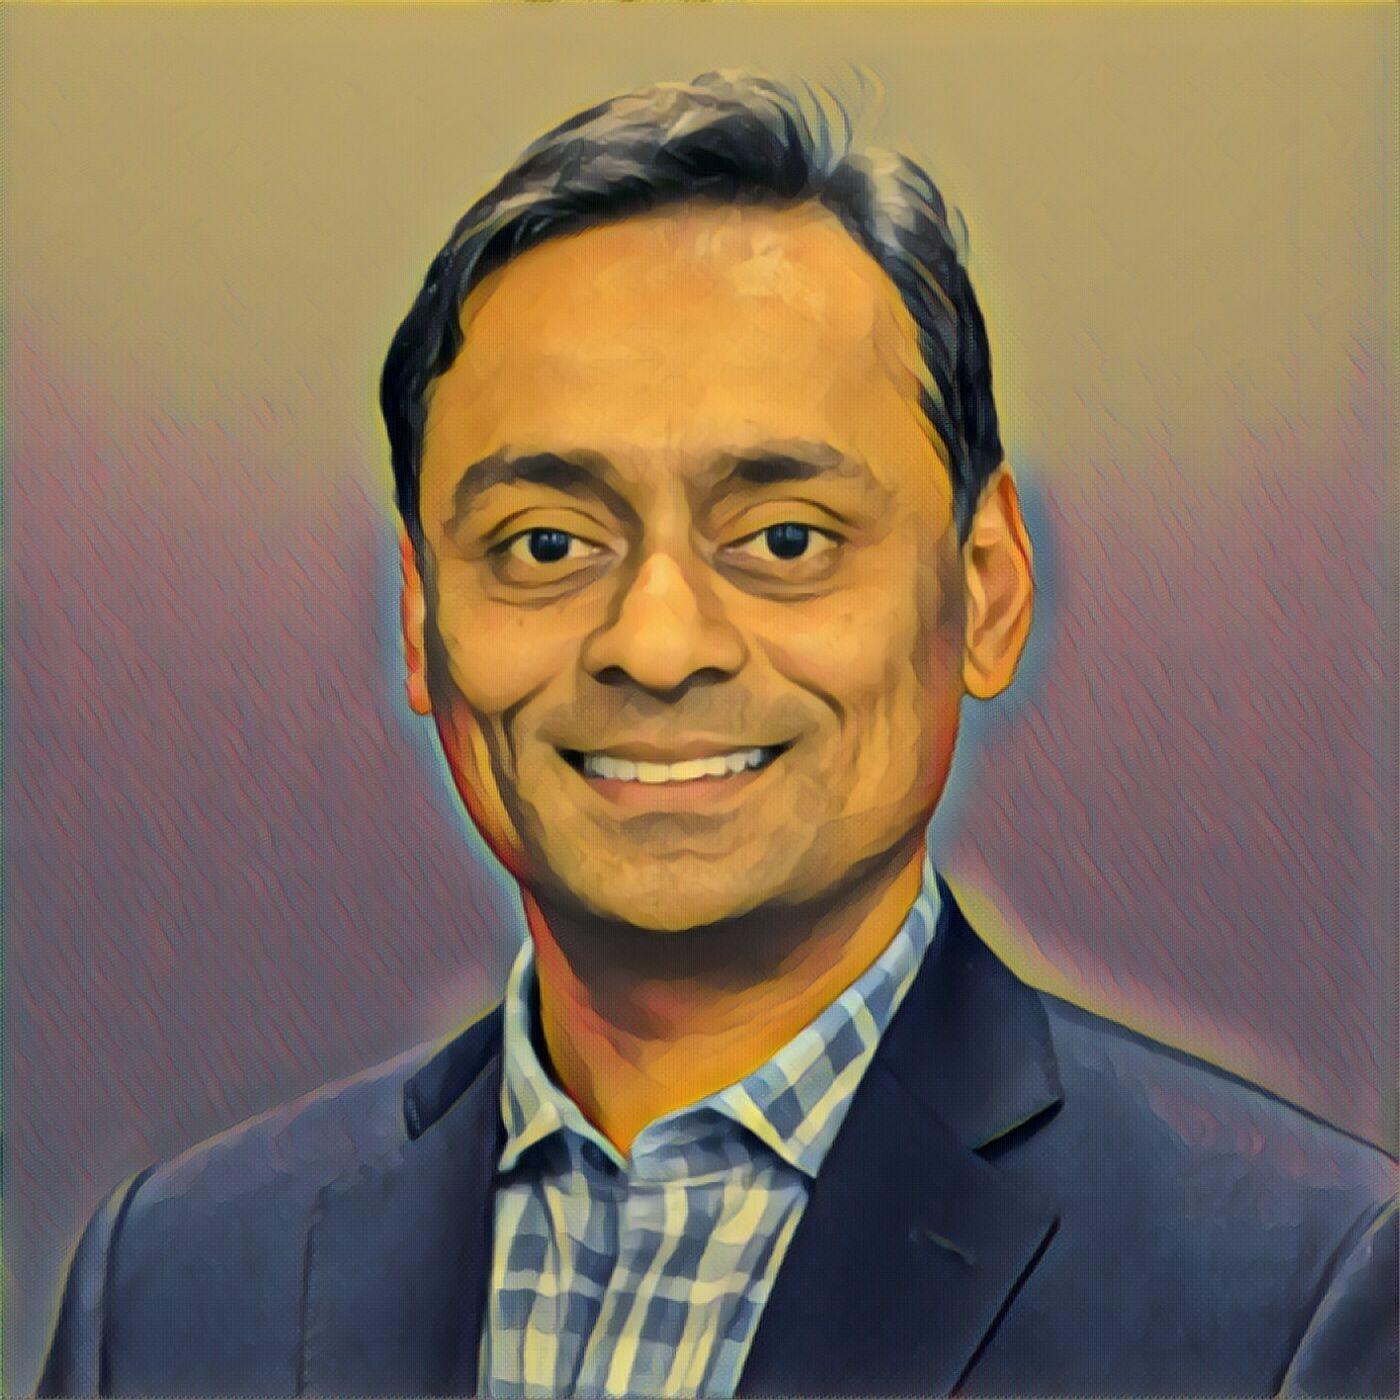 Building Category Leaders - Kamal Shah (VP Cloud Platforms - RedHat, CEO - StackRox)